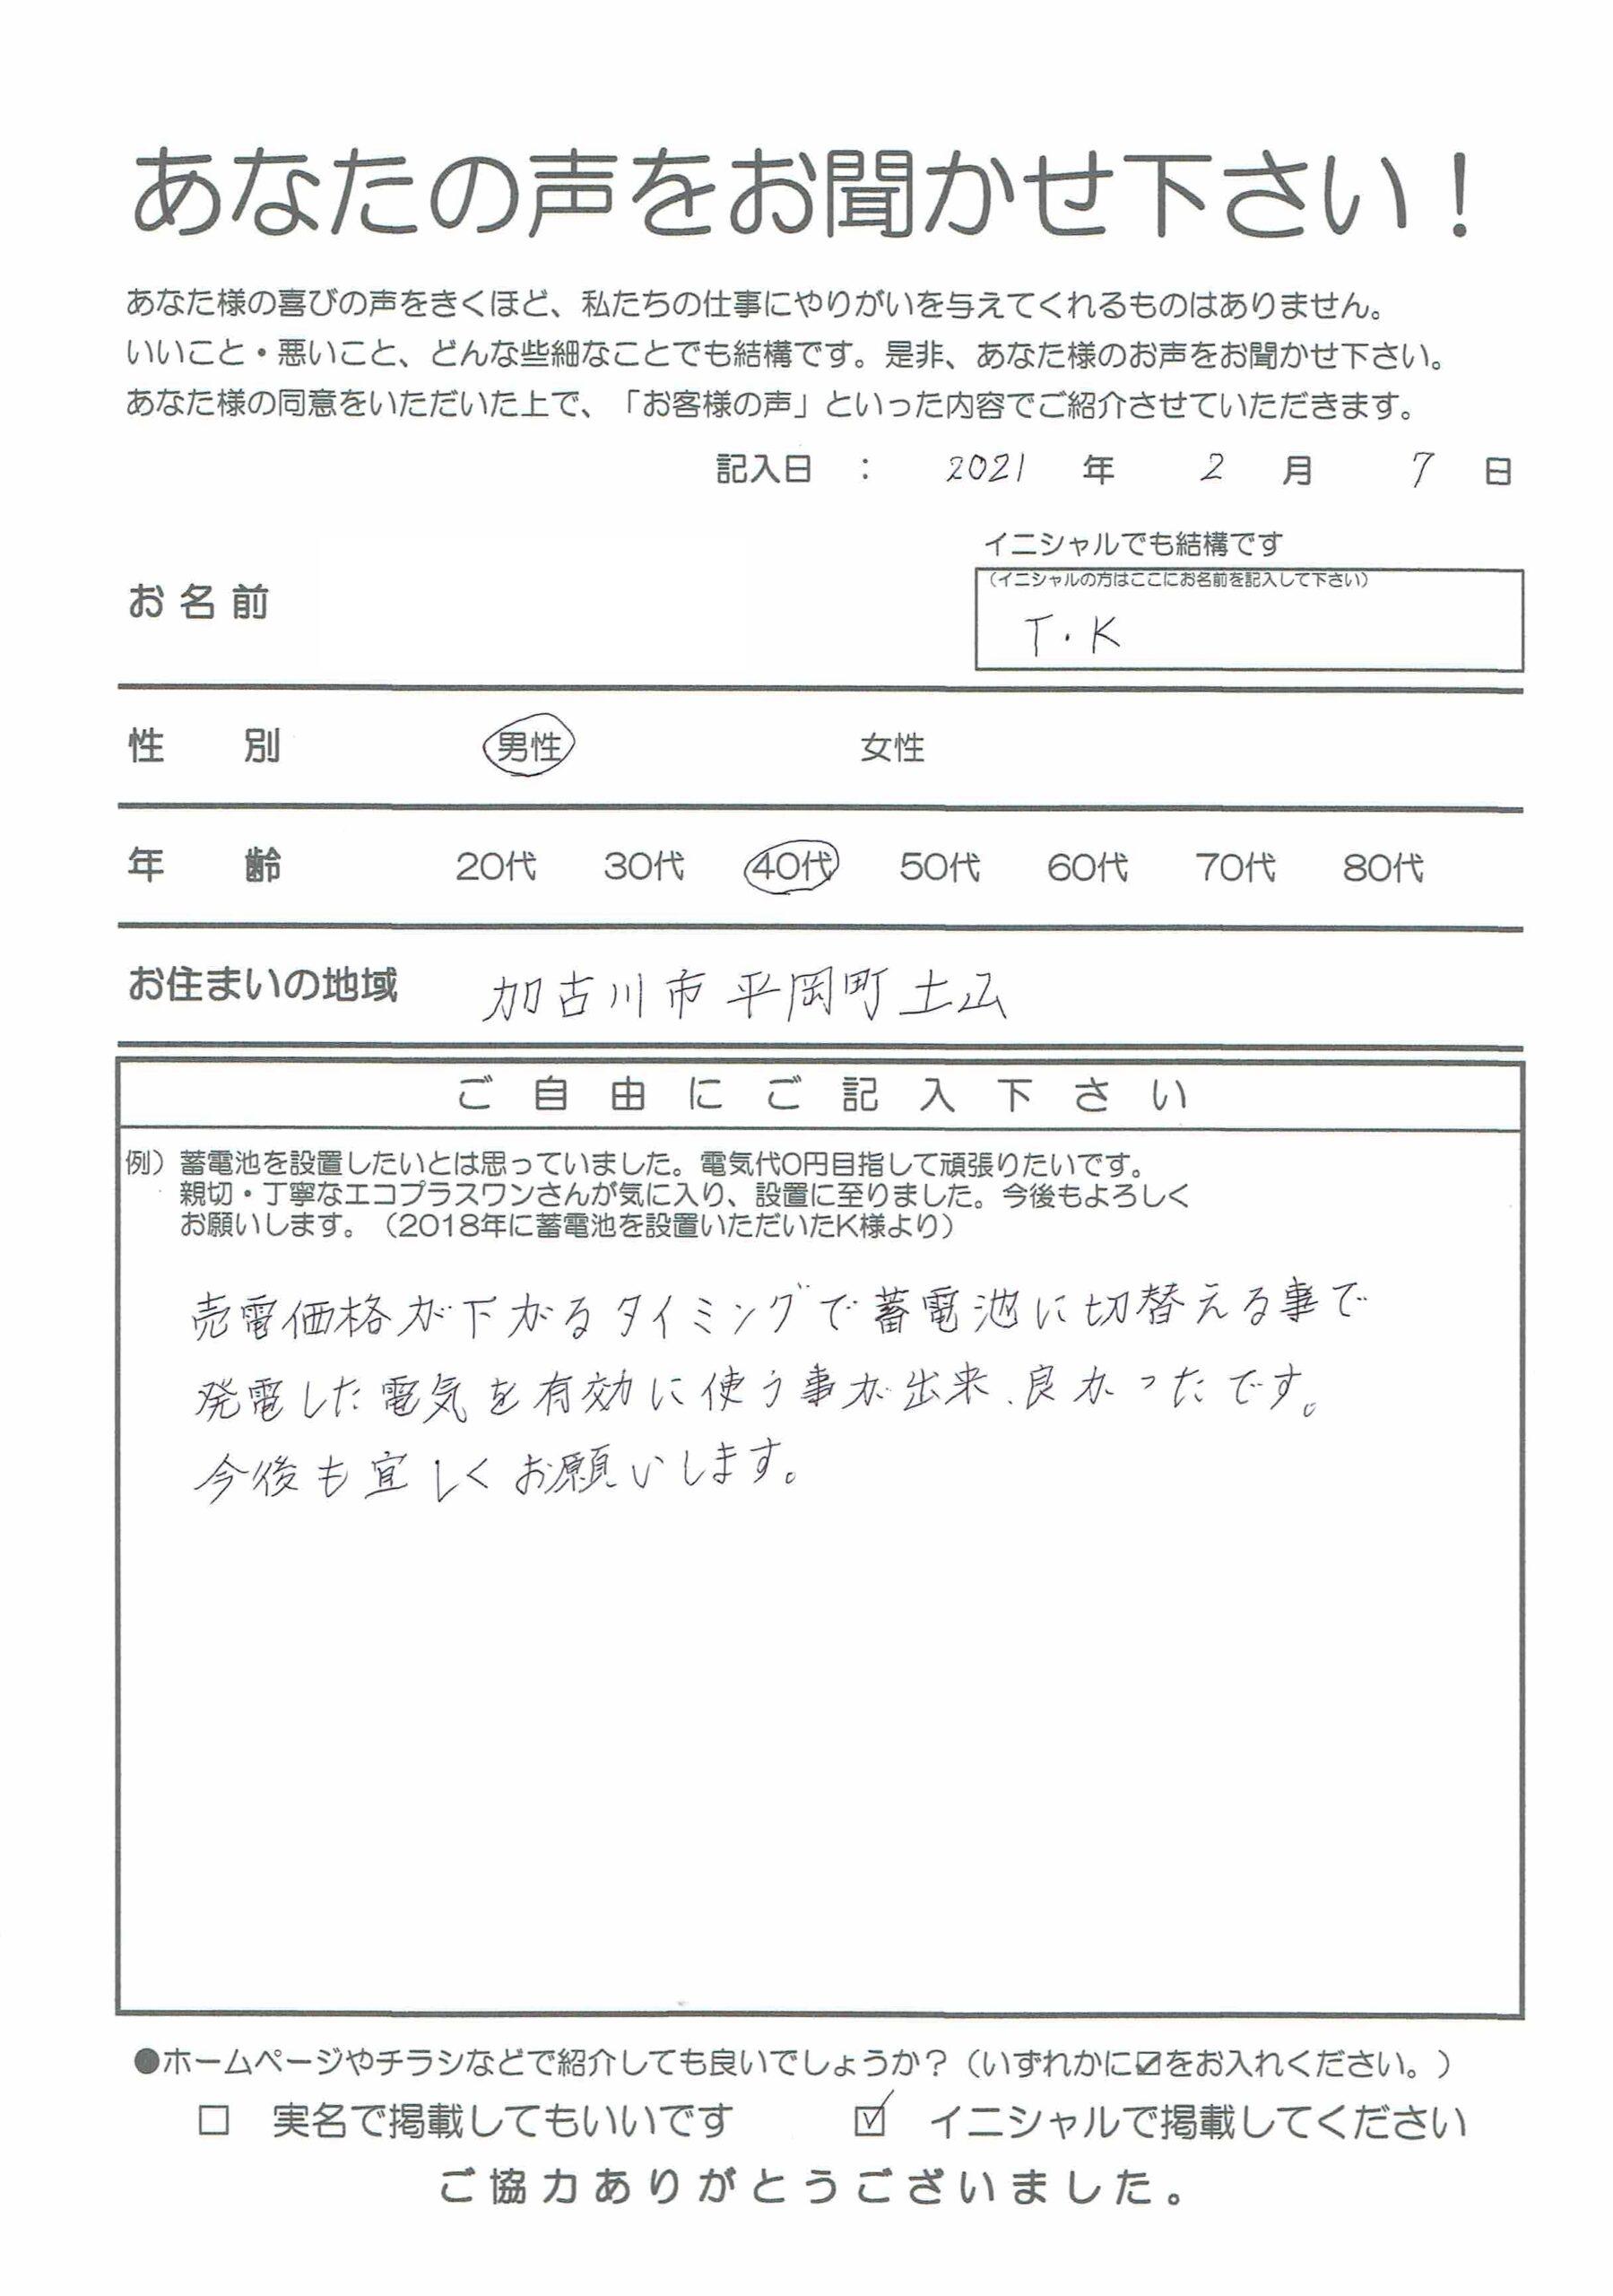 【加古川市・40代】T.K様